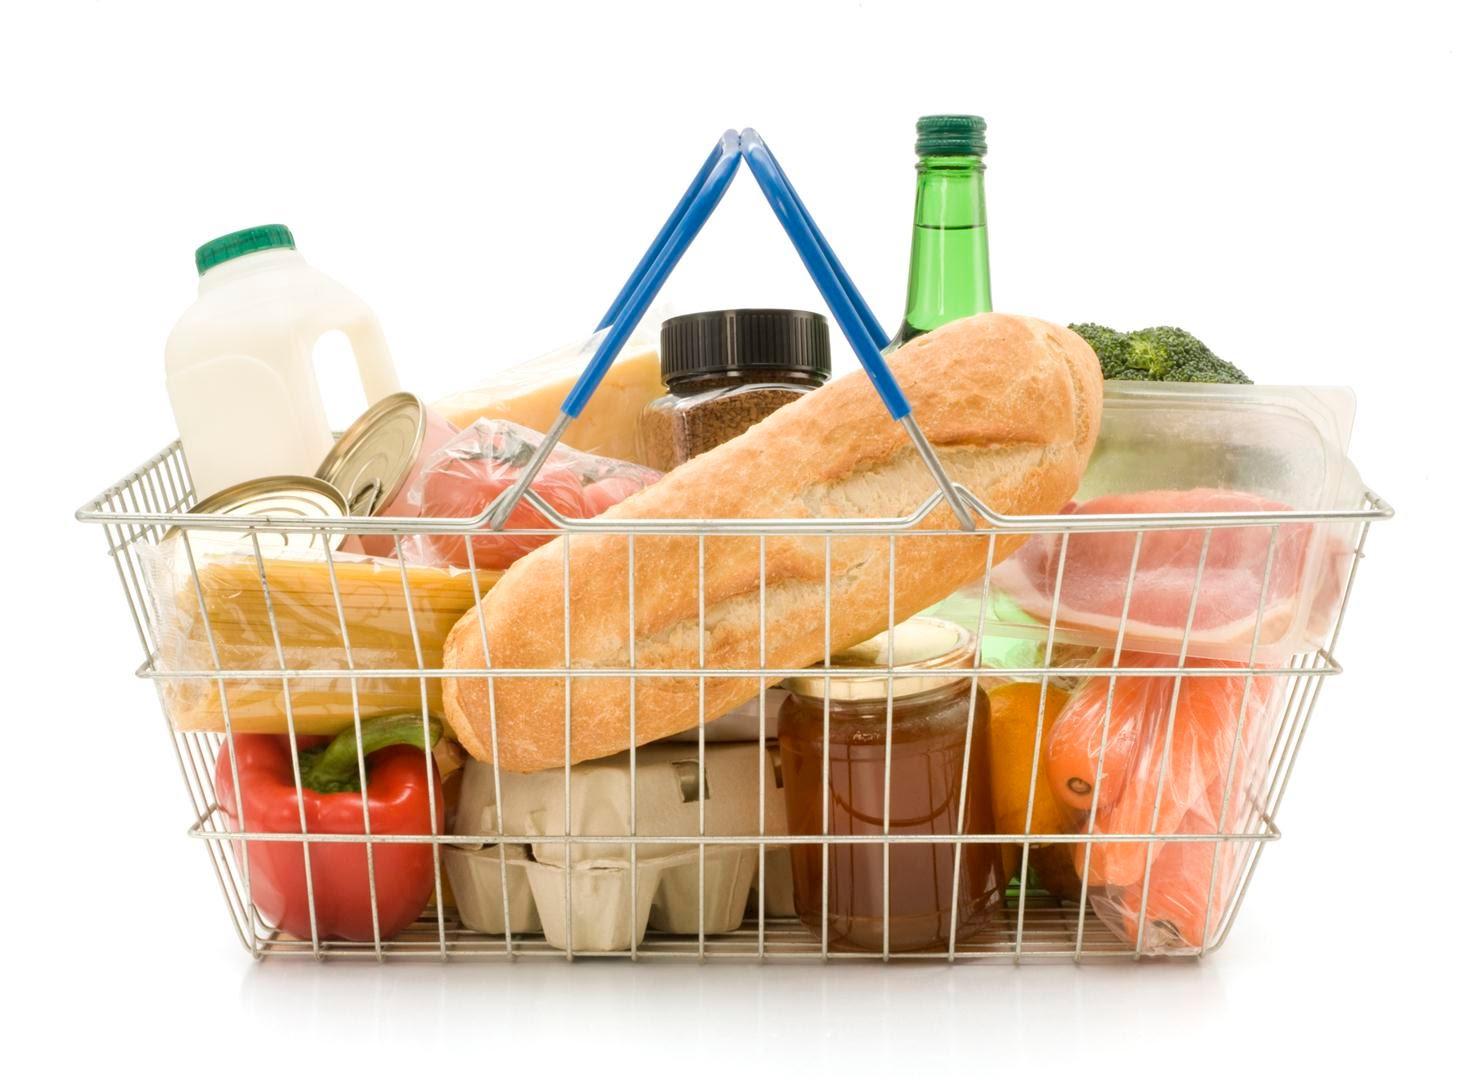 Об удешевлении продуктовой корзины сообщает Брянскстат